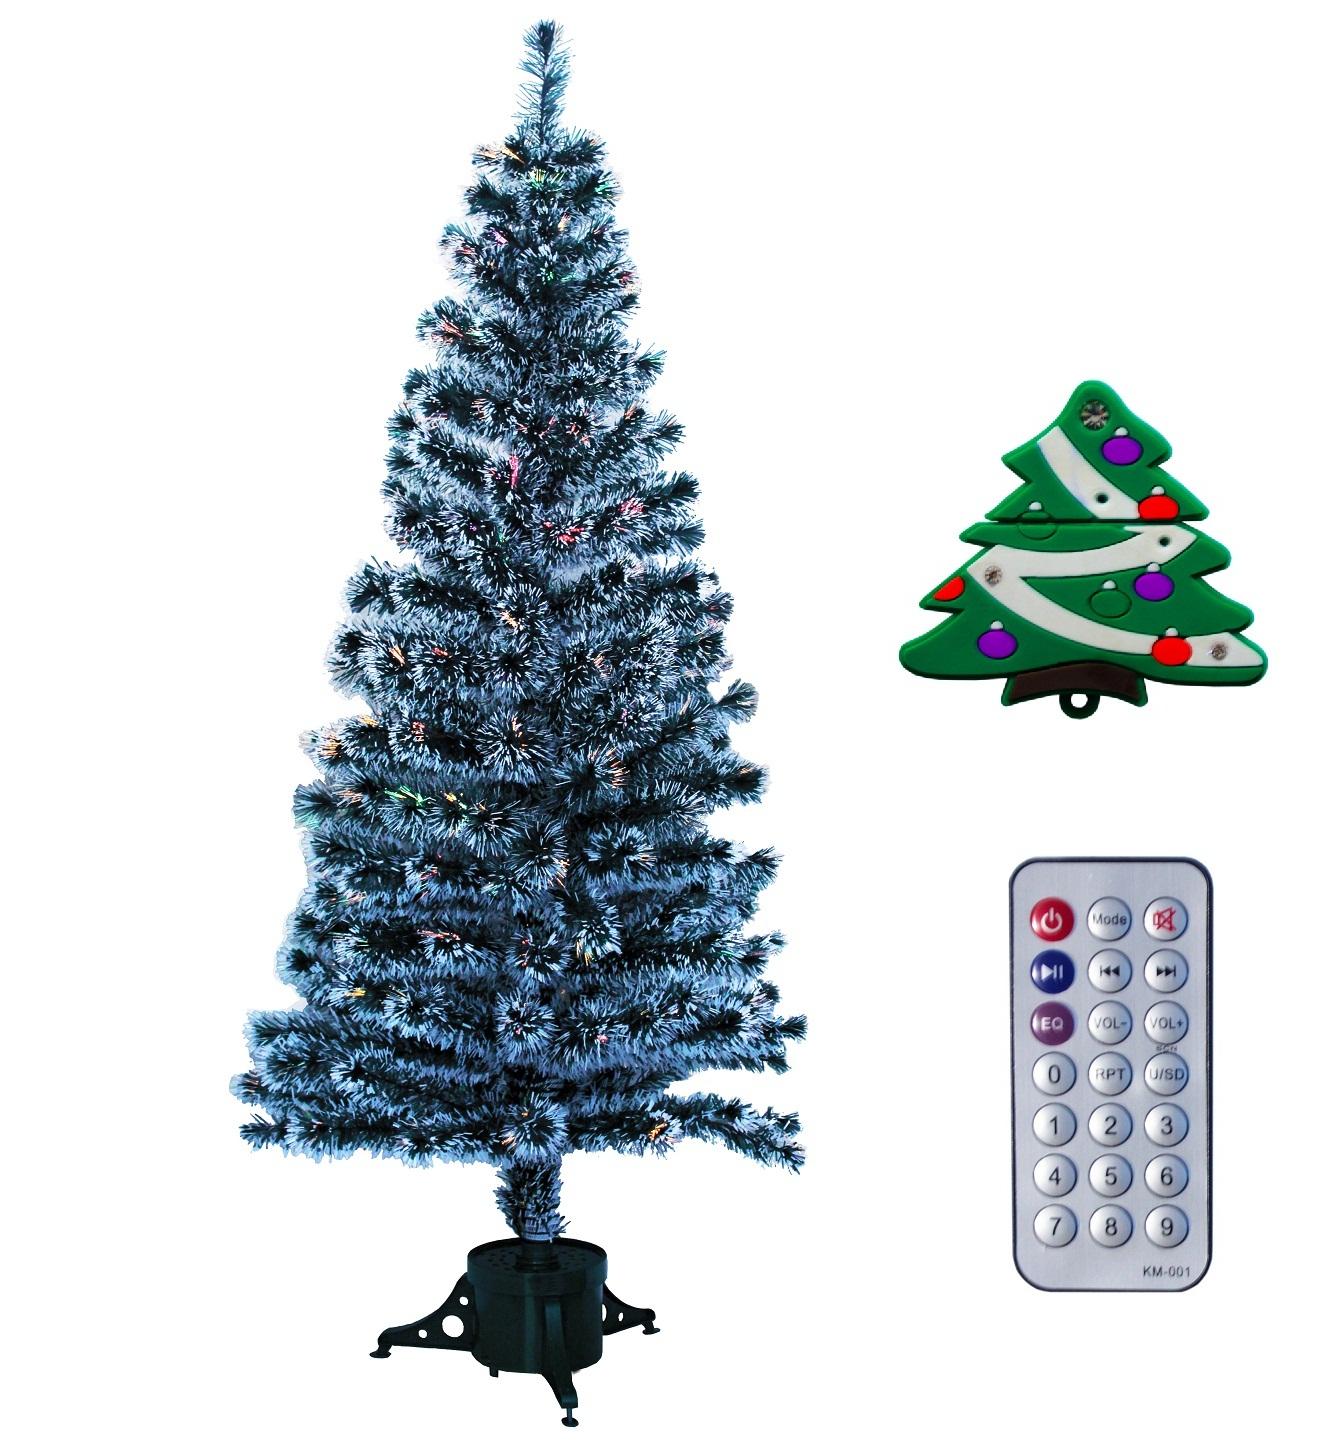 Künstlicher Weihnachtsbaum Mit Beleuchtung 45 Cm.Künstlicher Weihnachtsbaum Mit Beleuchtung 120 Cm Inkl Mp3